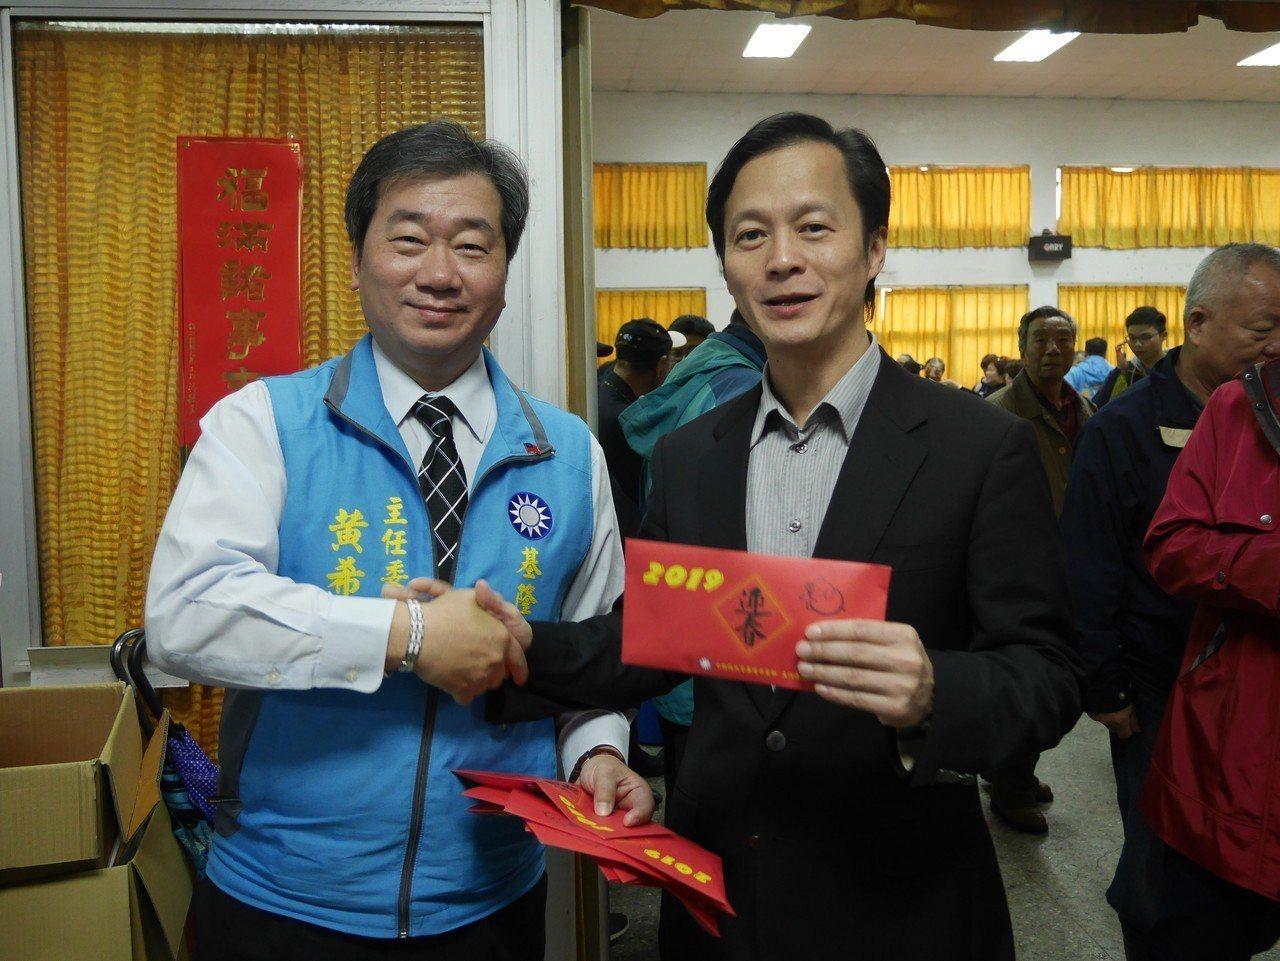 基隆立委選舉,國民黨黨內有「五虎將」要選,競爭激烈,左為黃希賢,右為藍敏煌。圖/...